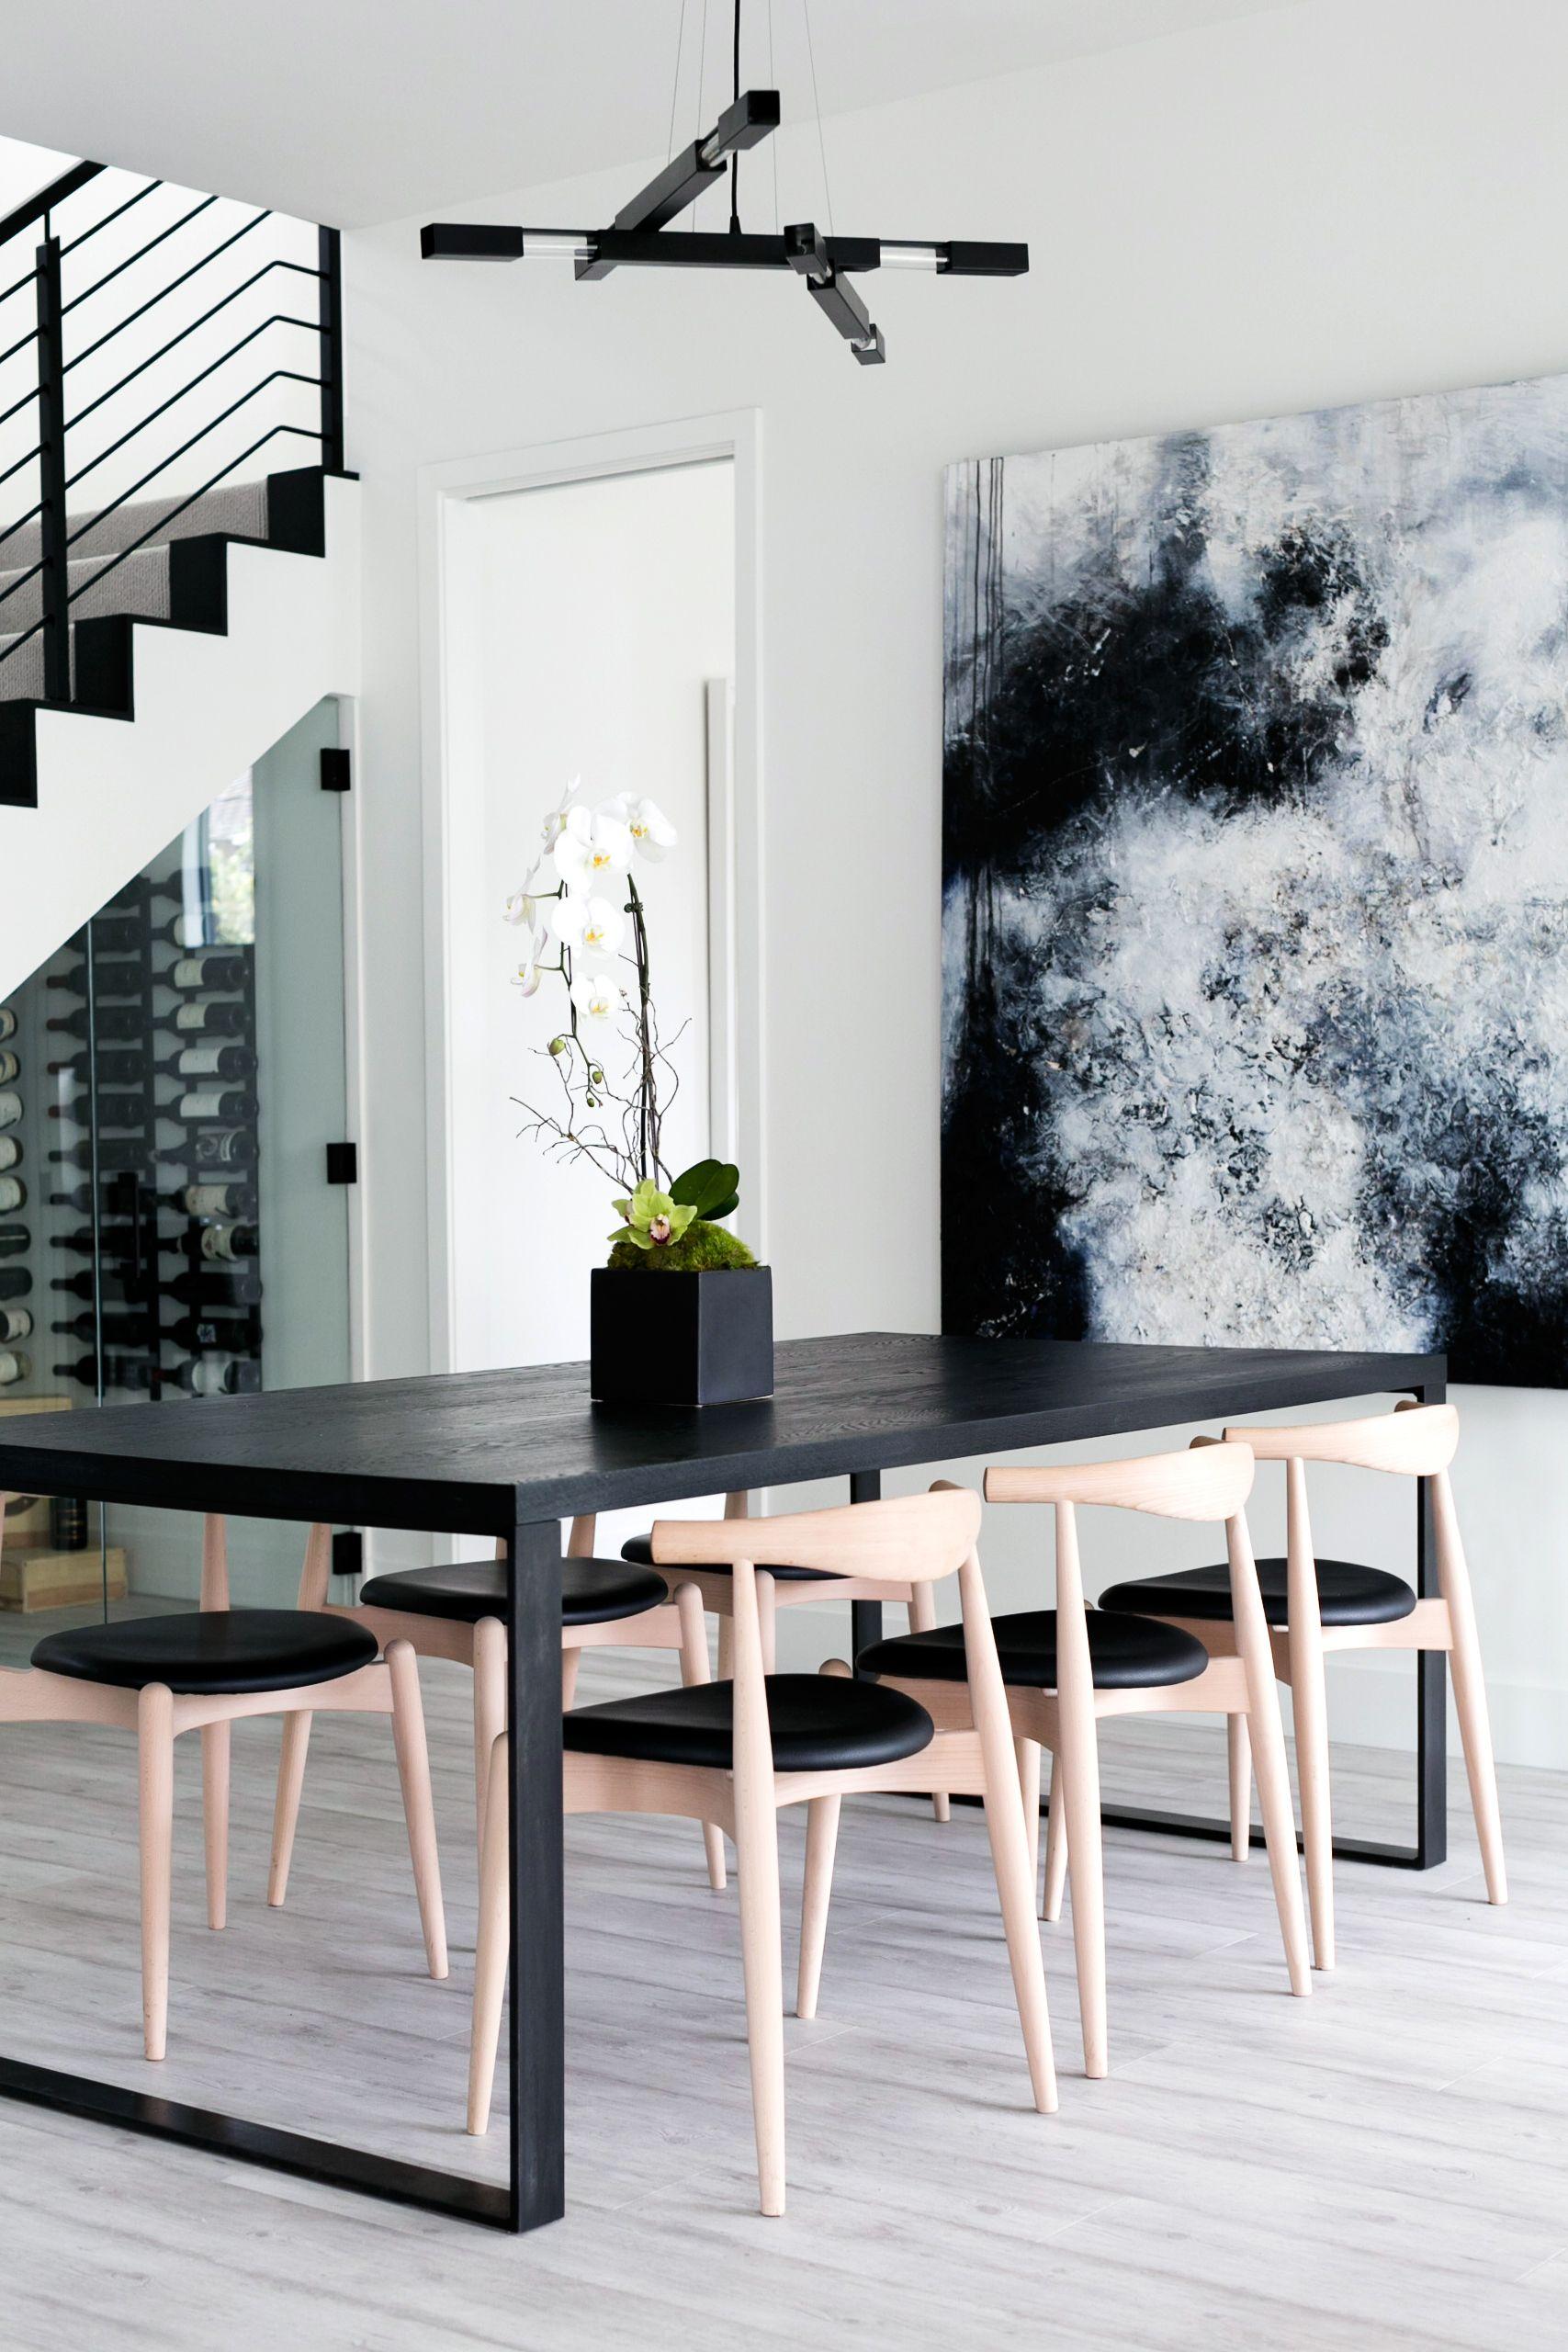 couleur salle a manger table noir chaise bois